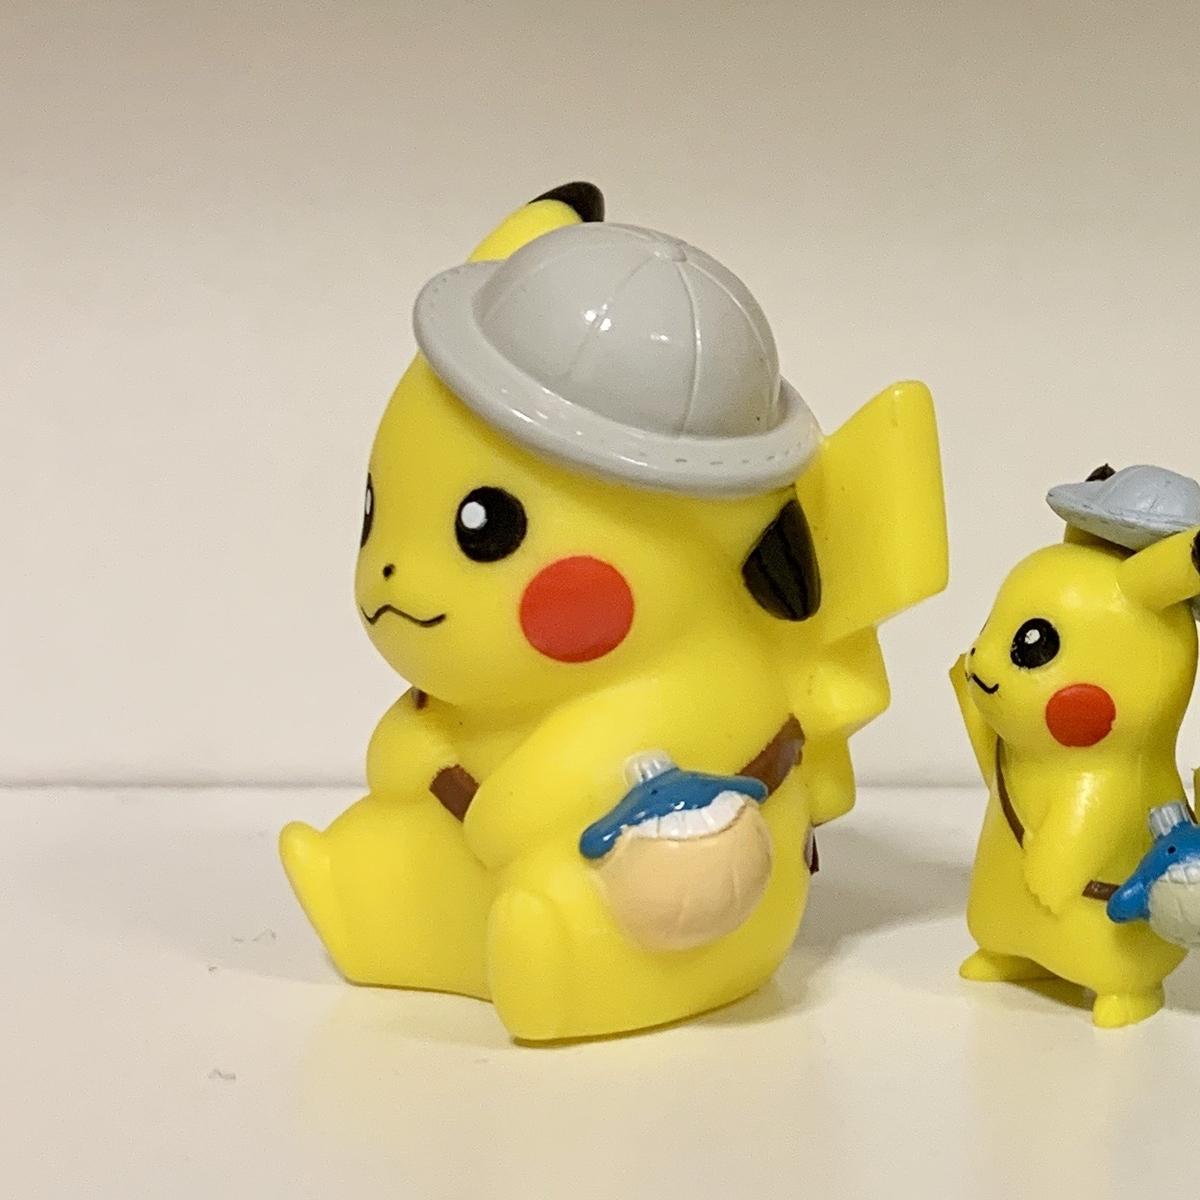 f:id:pikachu_pcn:20200715221945j:plain